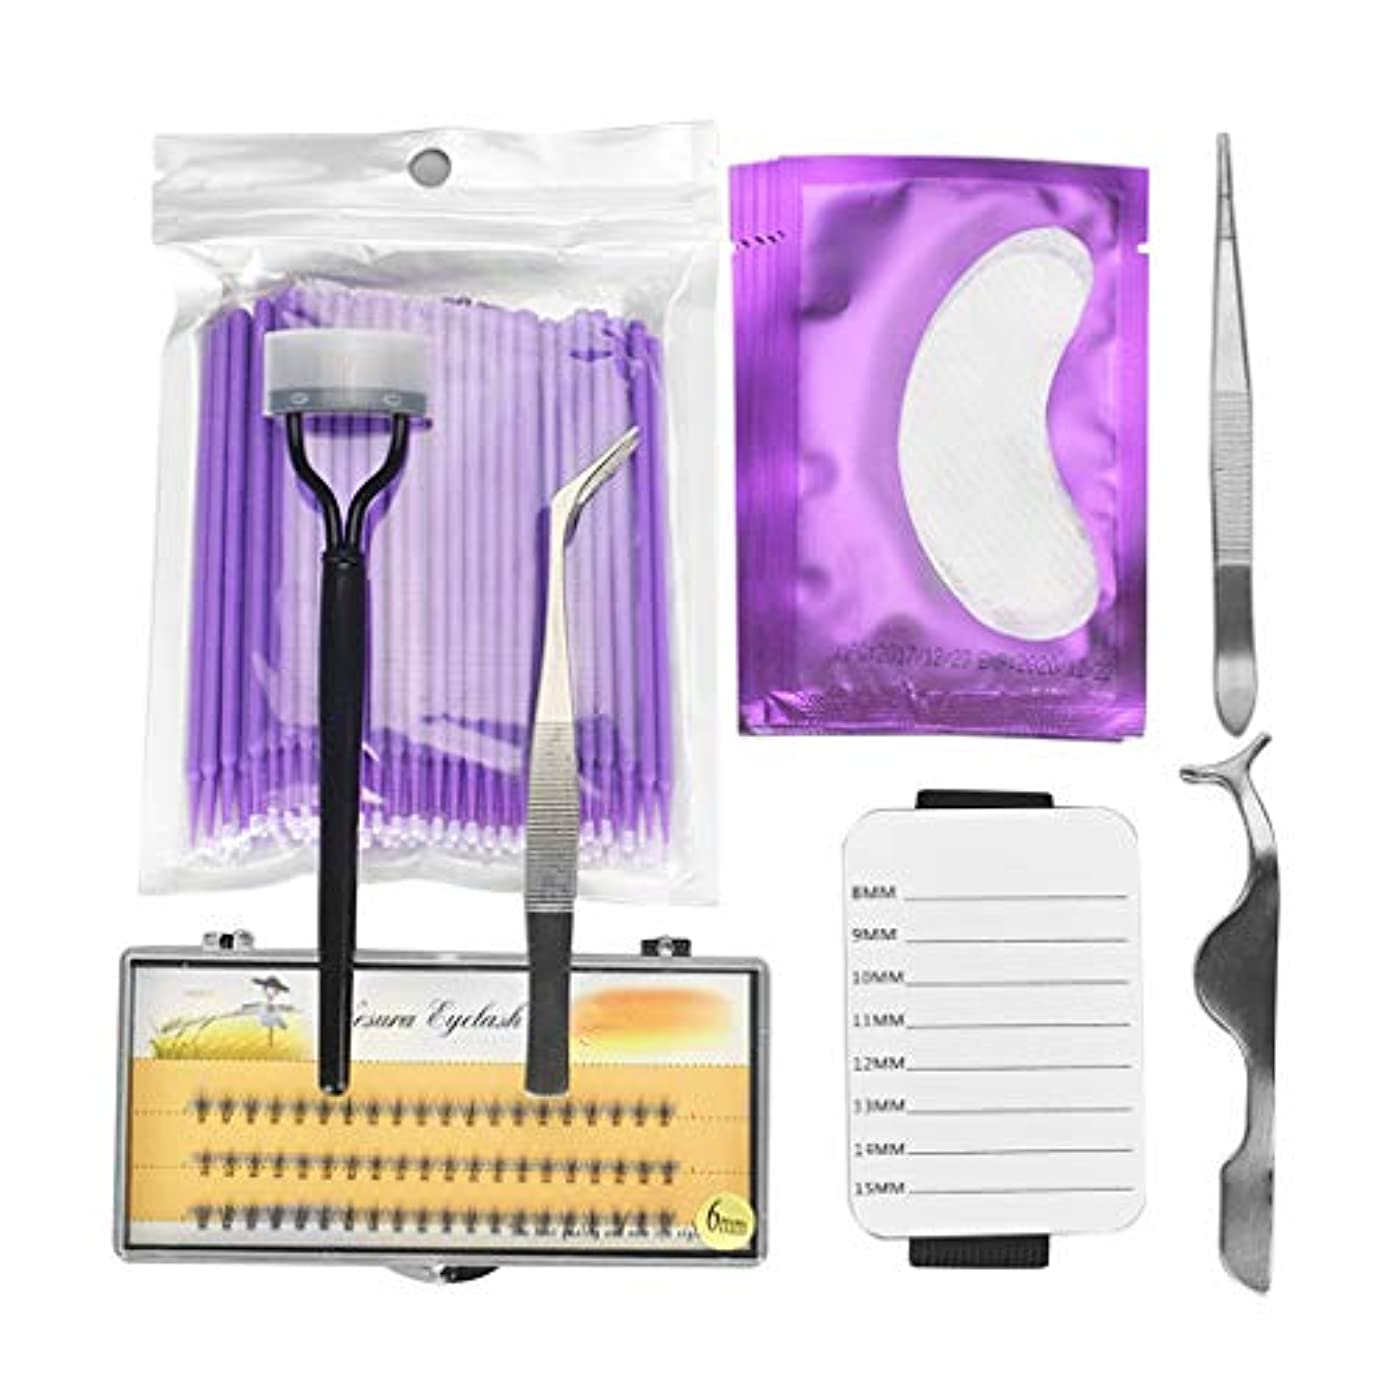 エチケット見物人エレベーター全5色 アイメイク ラッシュ延長 つけまつげ 精密ピンセット ツイーザー まつげパレットホルダー - 紫